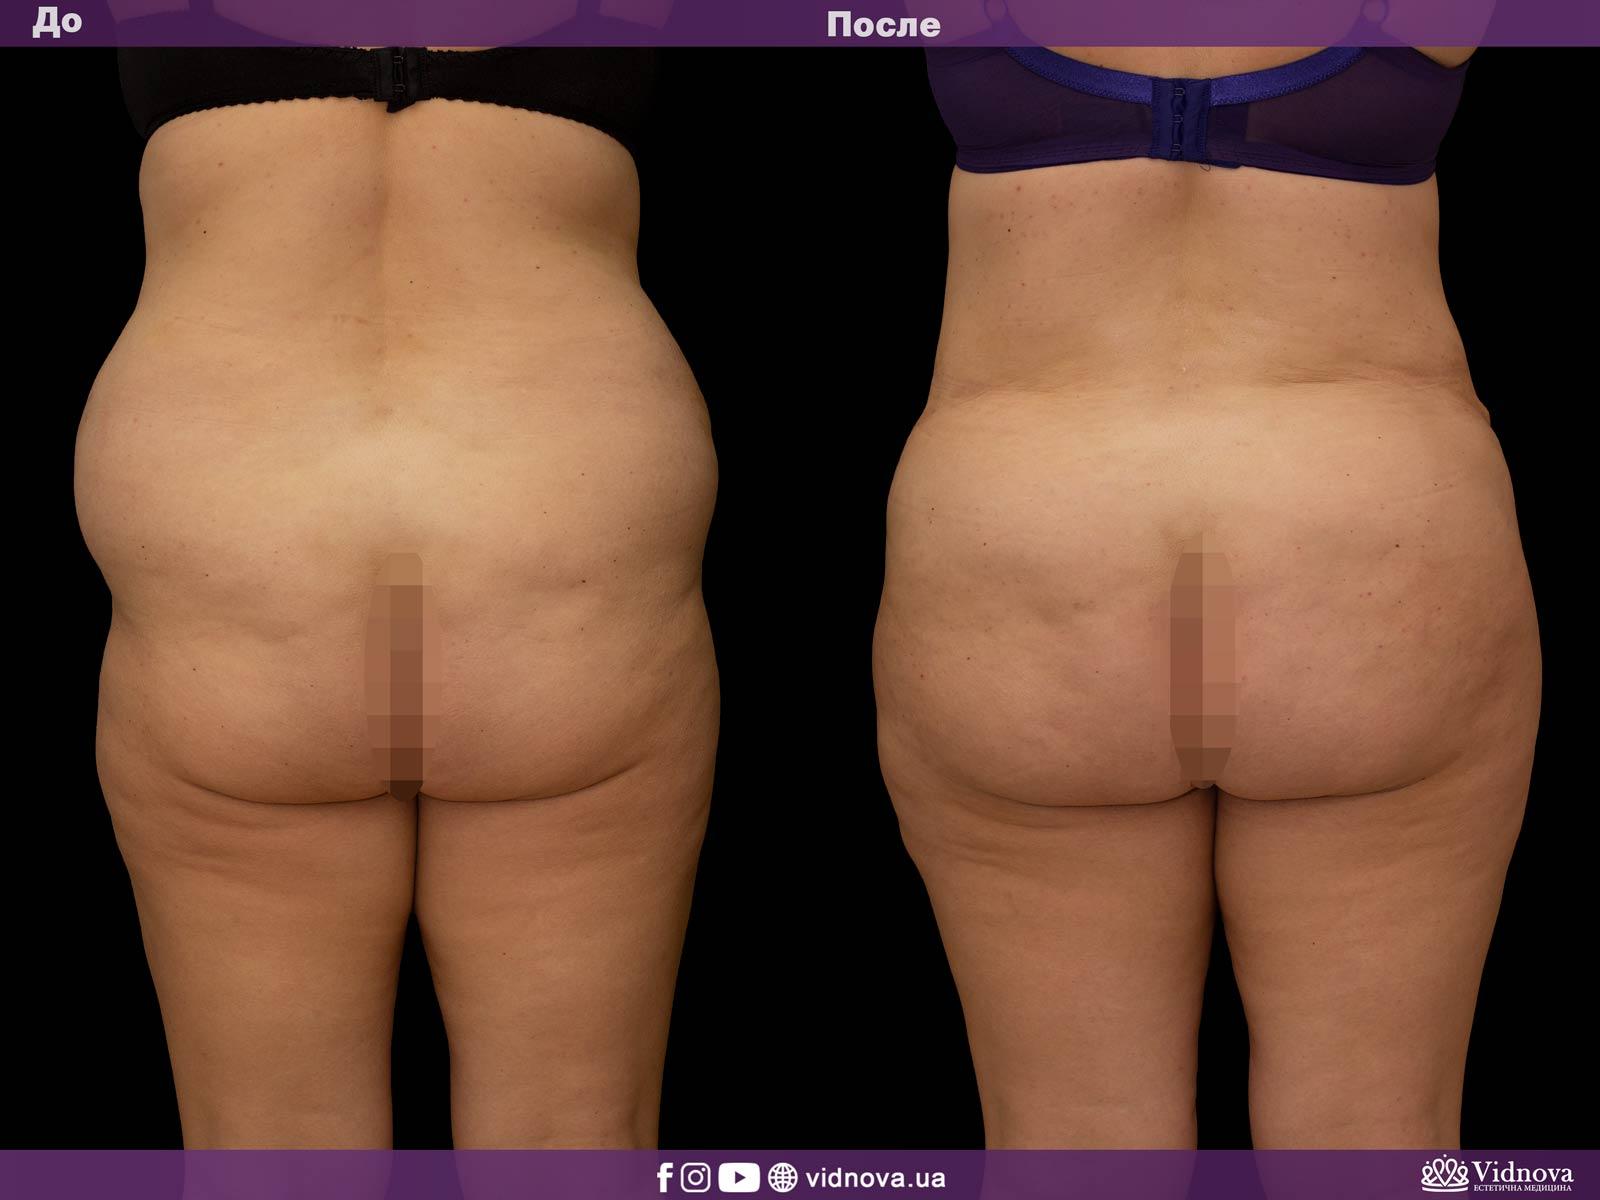 Липоскульптурирование: Фото До и После - Пример №1-1 - Клиника Vidnova